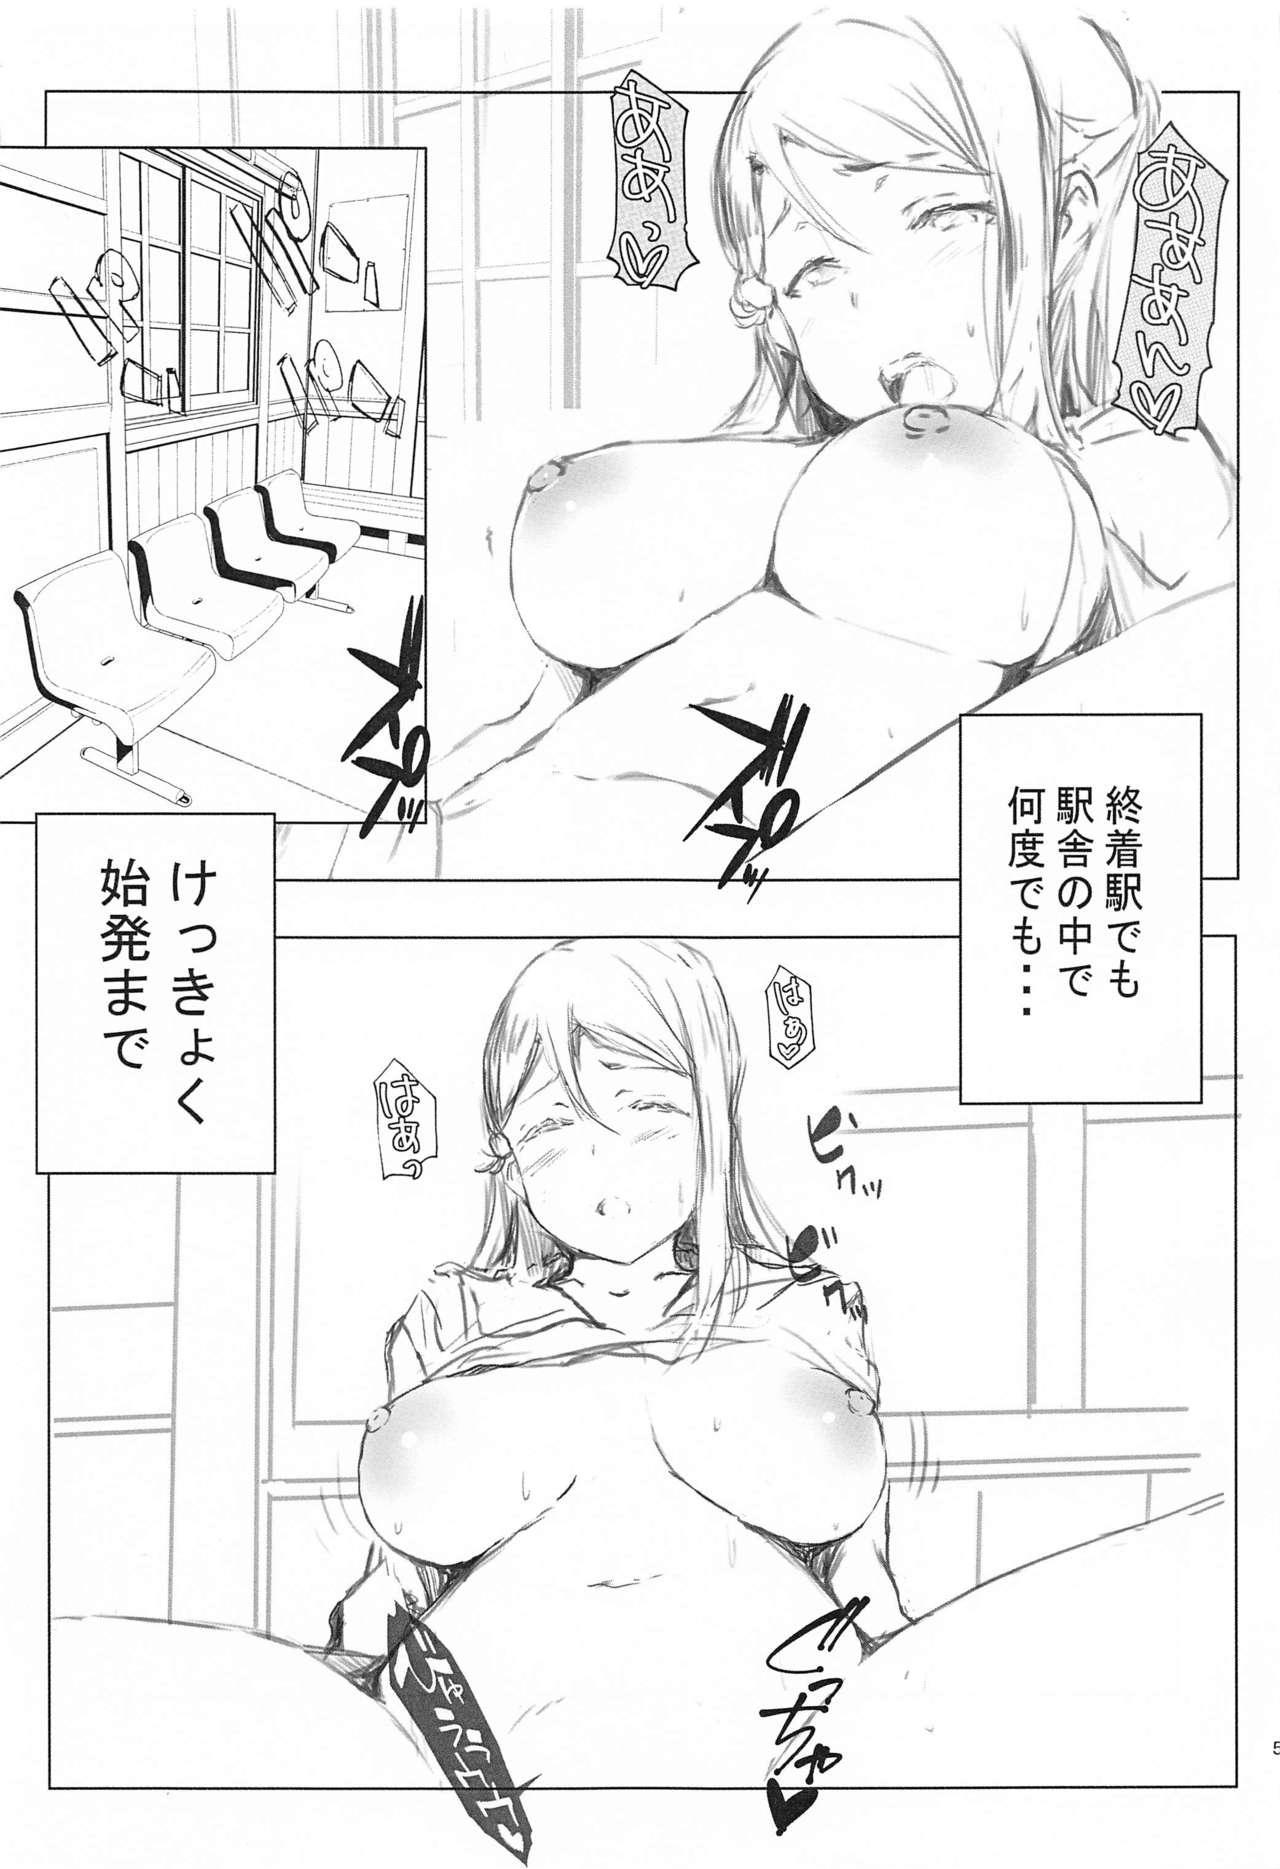 Nashigo to Issho ni Yaritai 7-tsu no Koto. 5